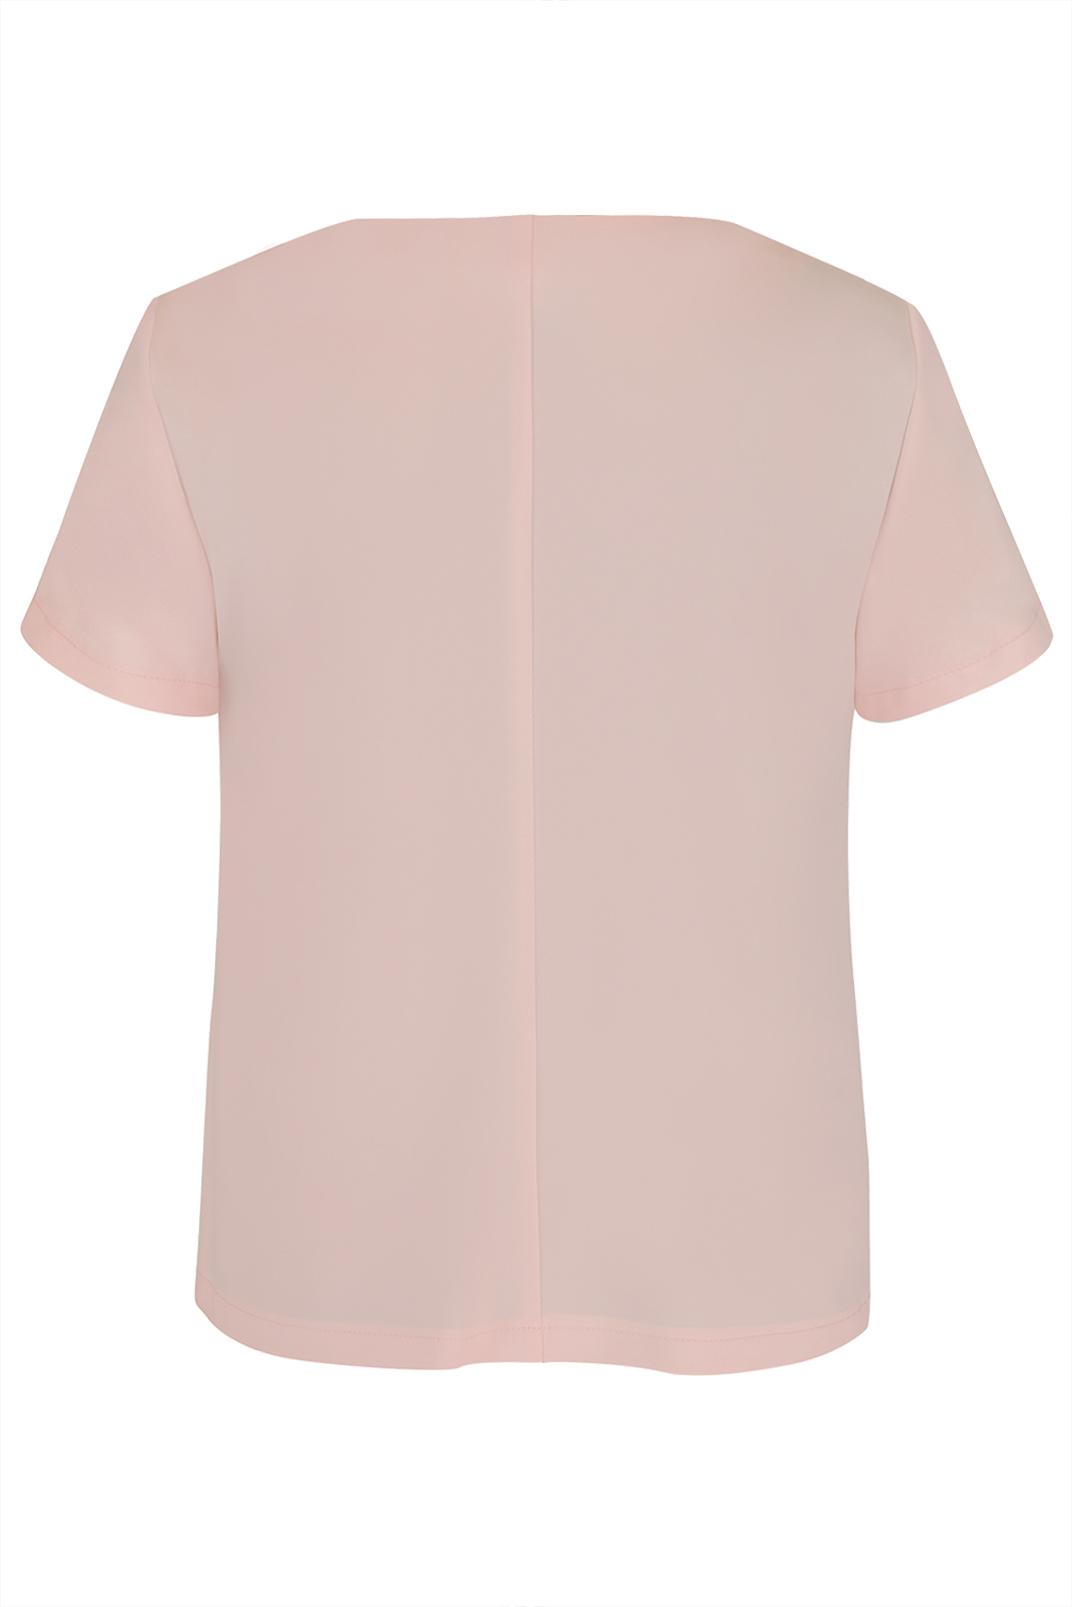 Купить блузки через интернет